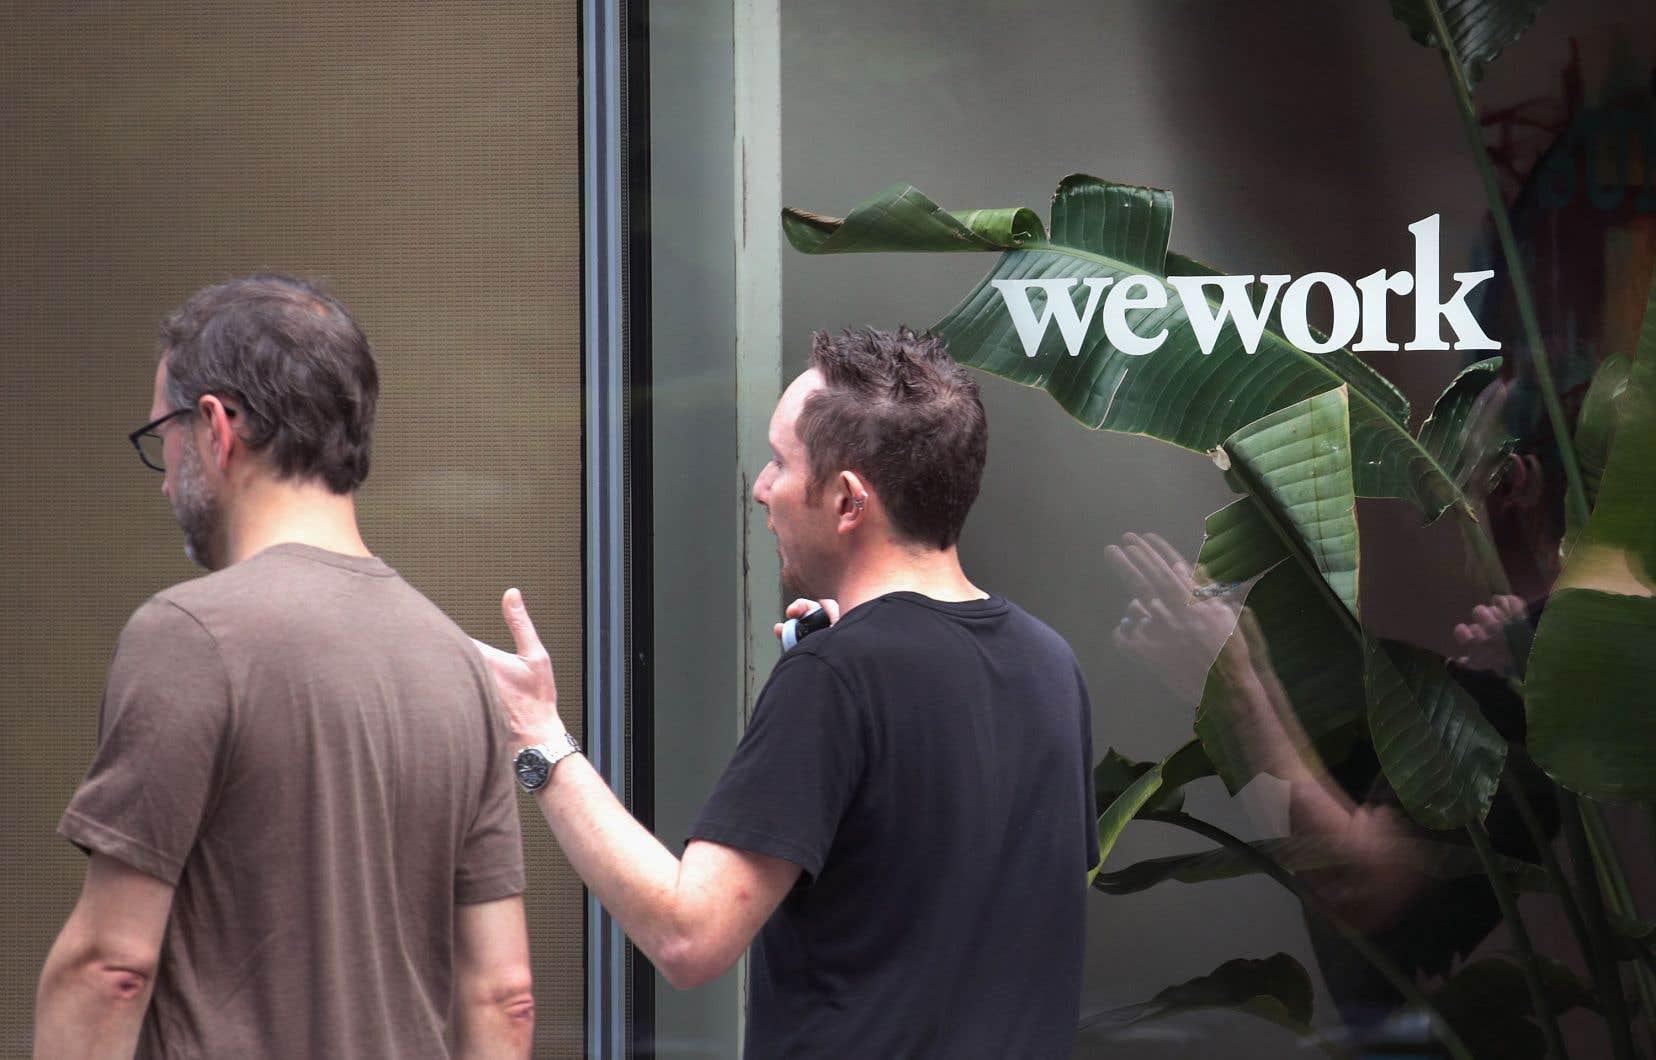 L'entreprise américaine de bureaux partagés WeWork était présentée il y a encore peu comme l'une des étoiles de l'économie du partage.